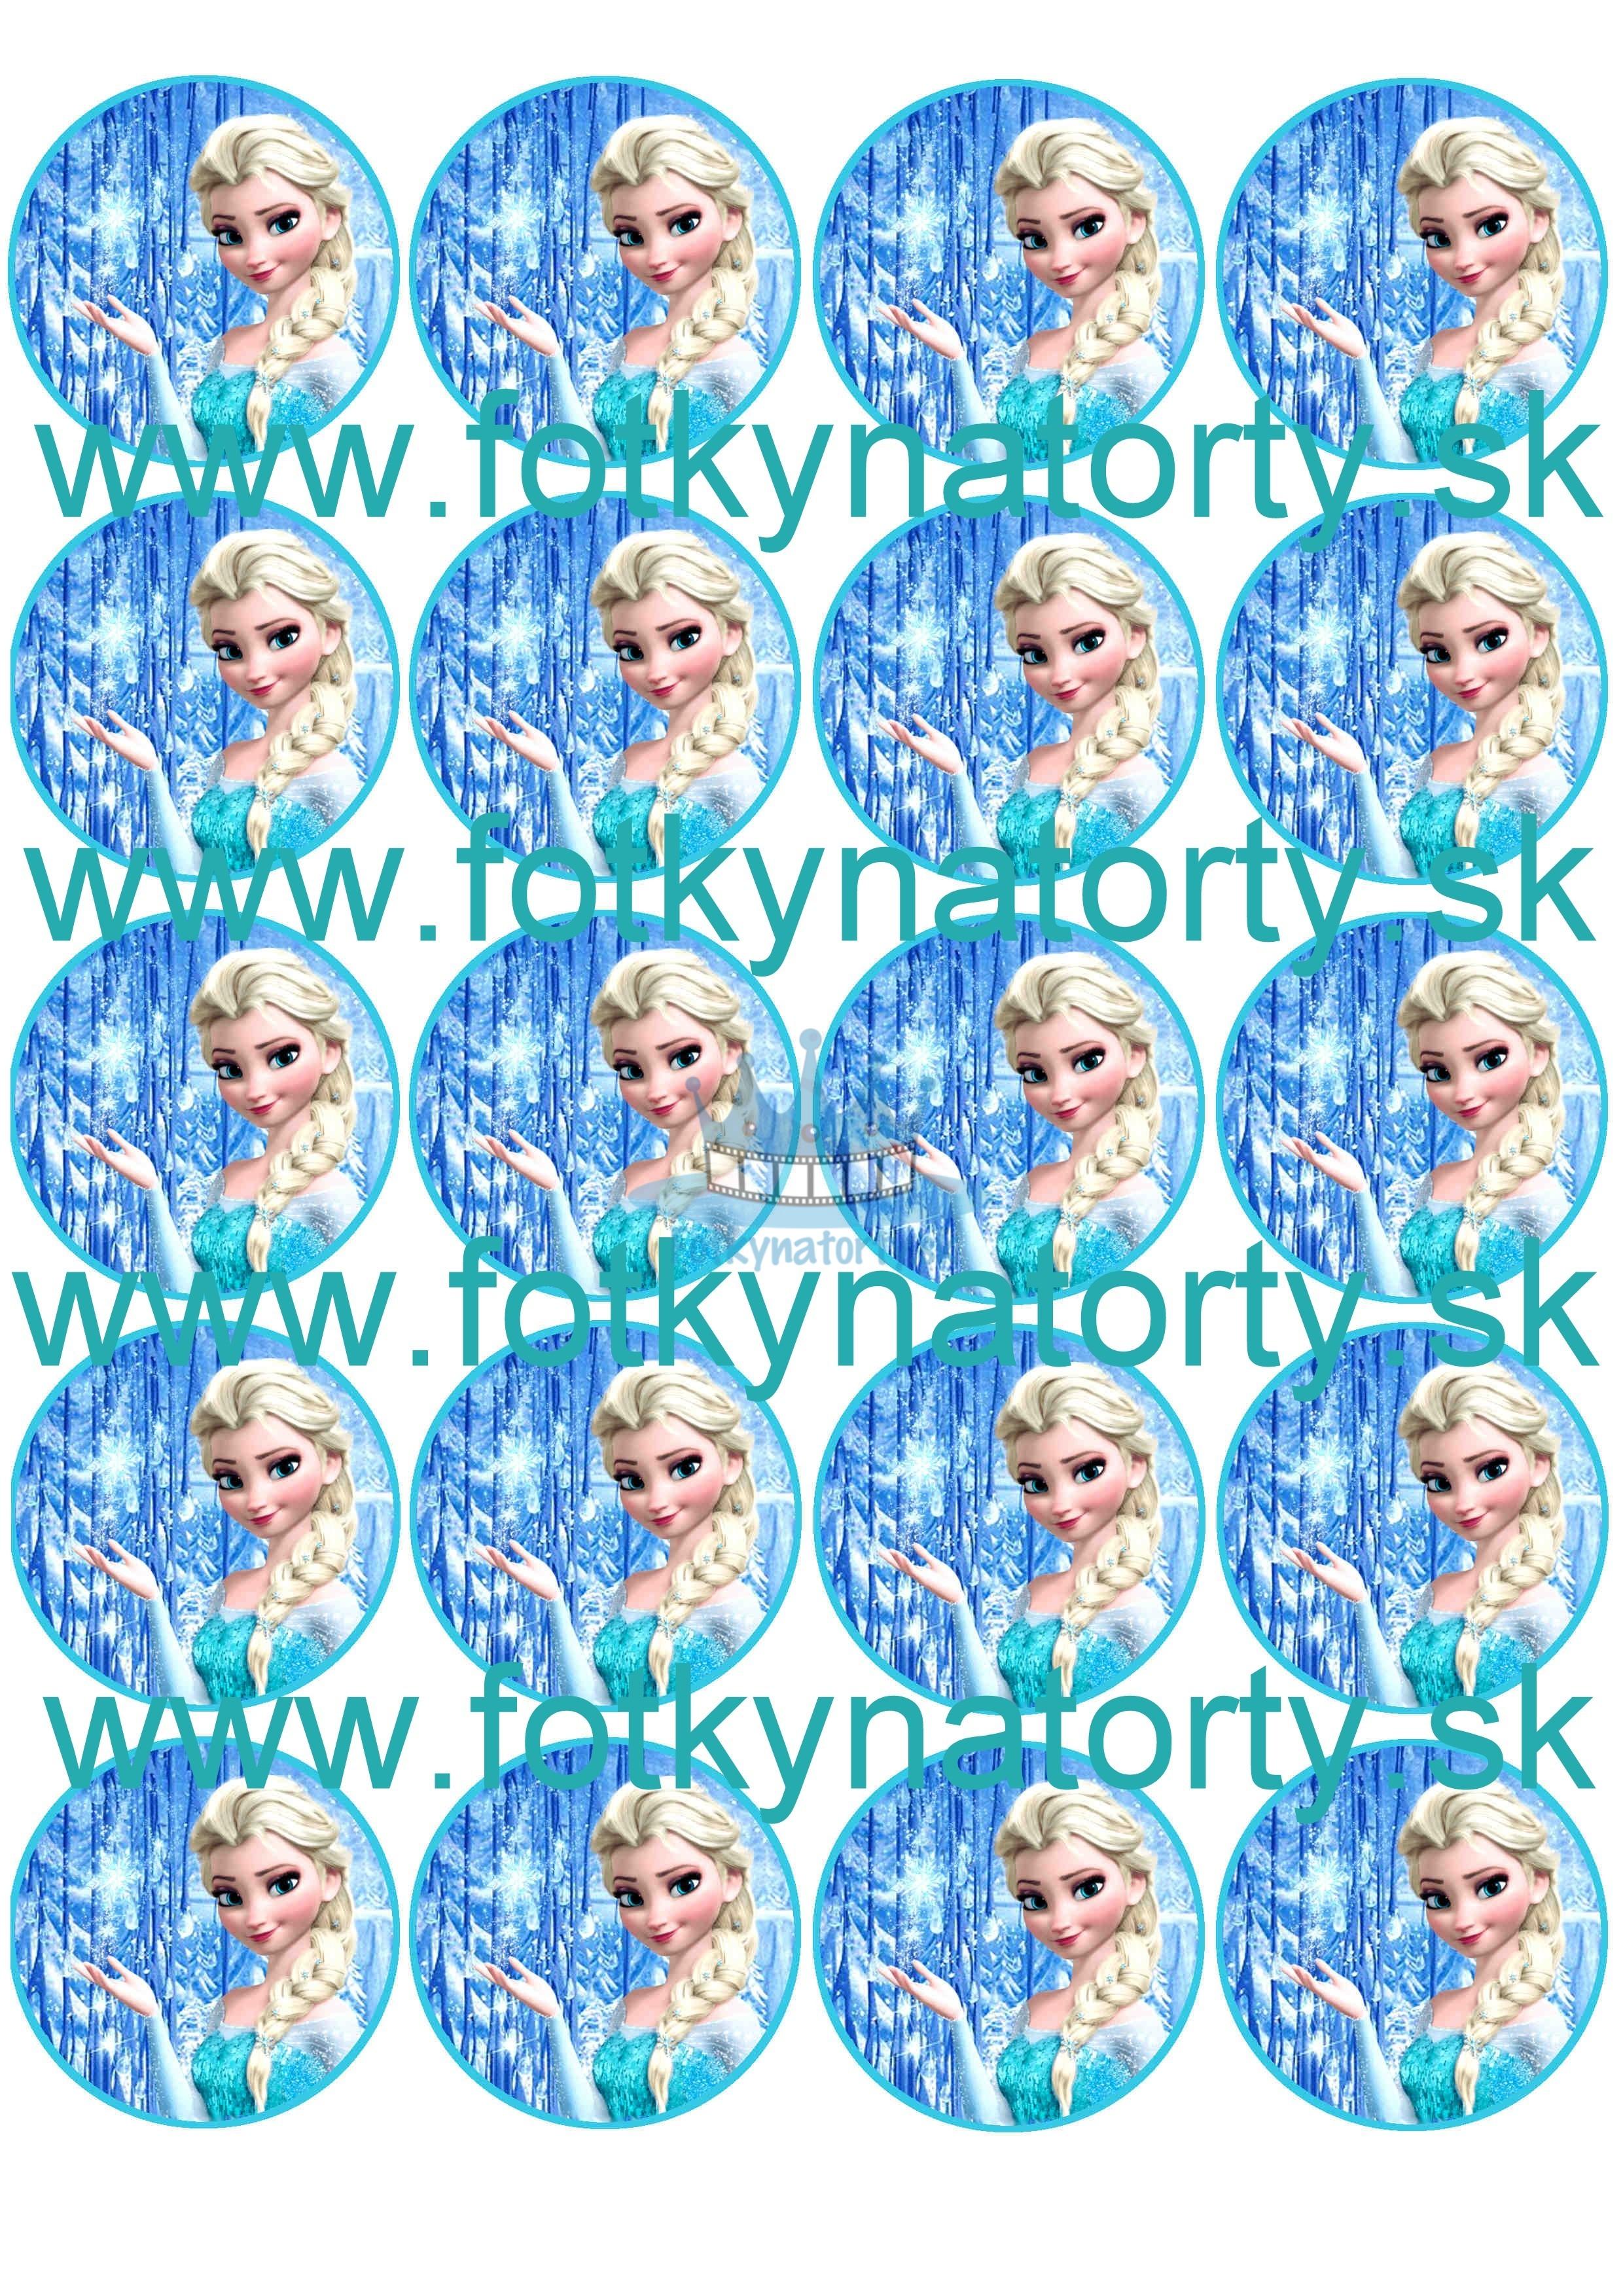 Elsa na muffiny - Frozen na muffiny - ľadové kráľovstvo Frozen Anna Elsa olaf Sven Kristof na muffin - jedlé obrázky na zákusky, medovníčky a iné dobrôtky / na tortu / jedlé tortové obrázky / Fotky na Torty